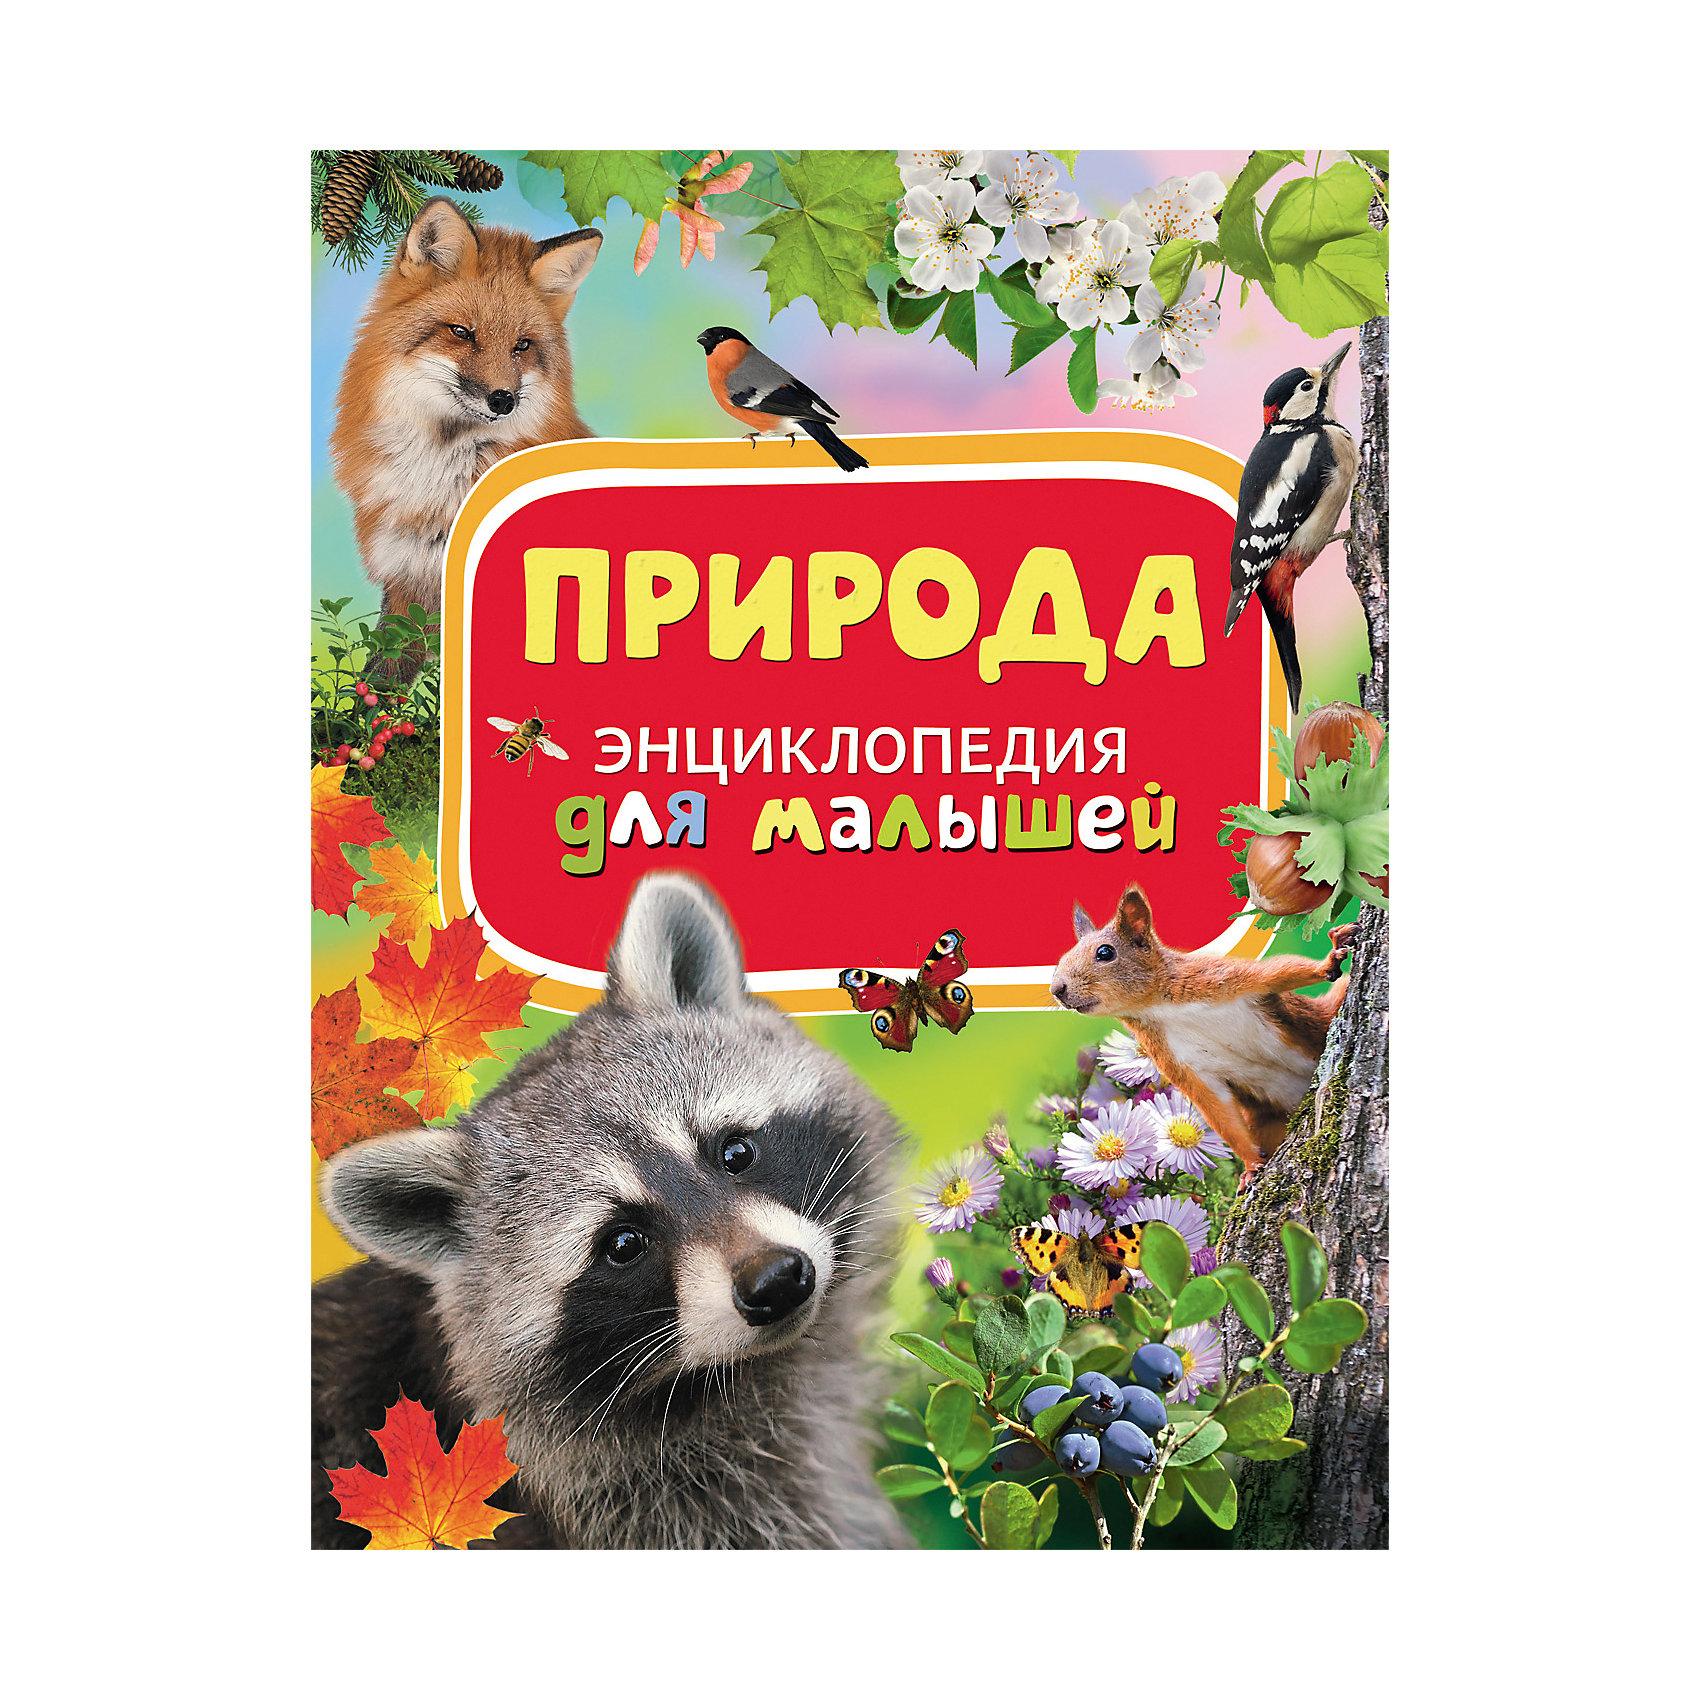 Природа, Энциклопедия для малышейХарактеристики товара:<br><br>- цвет: разноцветный;<br>- материал: бумага;<br>- страниц: 88;<br>- формат: 22 х 29 см;<br>- обложка: твердая;<br>- цветные иллюстрации.<br><br>Эта интересная книга с иллюстрациями станет отличным подарком для ребенка. Она содержит в себе ответы на вопросы, которые интересуют малышей. Всё представлено в очень простой форме! Талантливый иллюстратор дополнил книгу качественными рисунками, которые помогают ребенку понять суть многих вещей в нашем мире. Удивительные и интересные факты помогут привить любовь к учебе!<br>Чтение - отличный способ активизации мышления, оно помогает ребенку развивать зрительную память, концентрацию внимания и воображение. Издание произведено из качественных материалов, которые безопасны даже для самых маленьких.<br><br>Книгу Природа, Энциклопедия для малышей  от компании Росмэн можно купить в нашем интернет-магазине.<br><br>Ширина мм: 282<br>Глубина мм: 217<br>Высота мм: 10<br>Вес г: 478<br>Возраст от месяцев: 36<br>Возраст до месяцев: 72<br>Пол: Унисекс<br>Возраст: Детский<br>SKU: 5110002